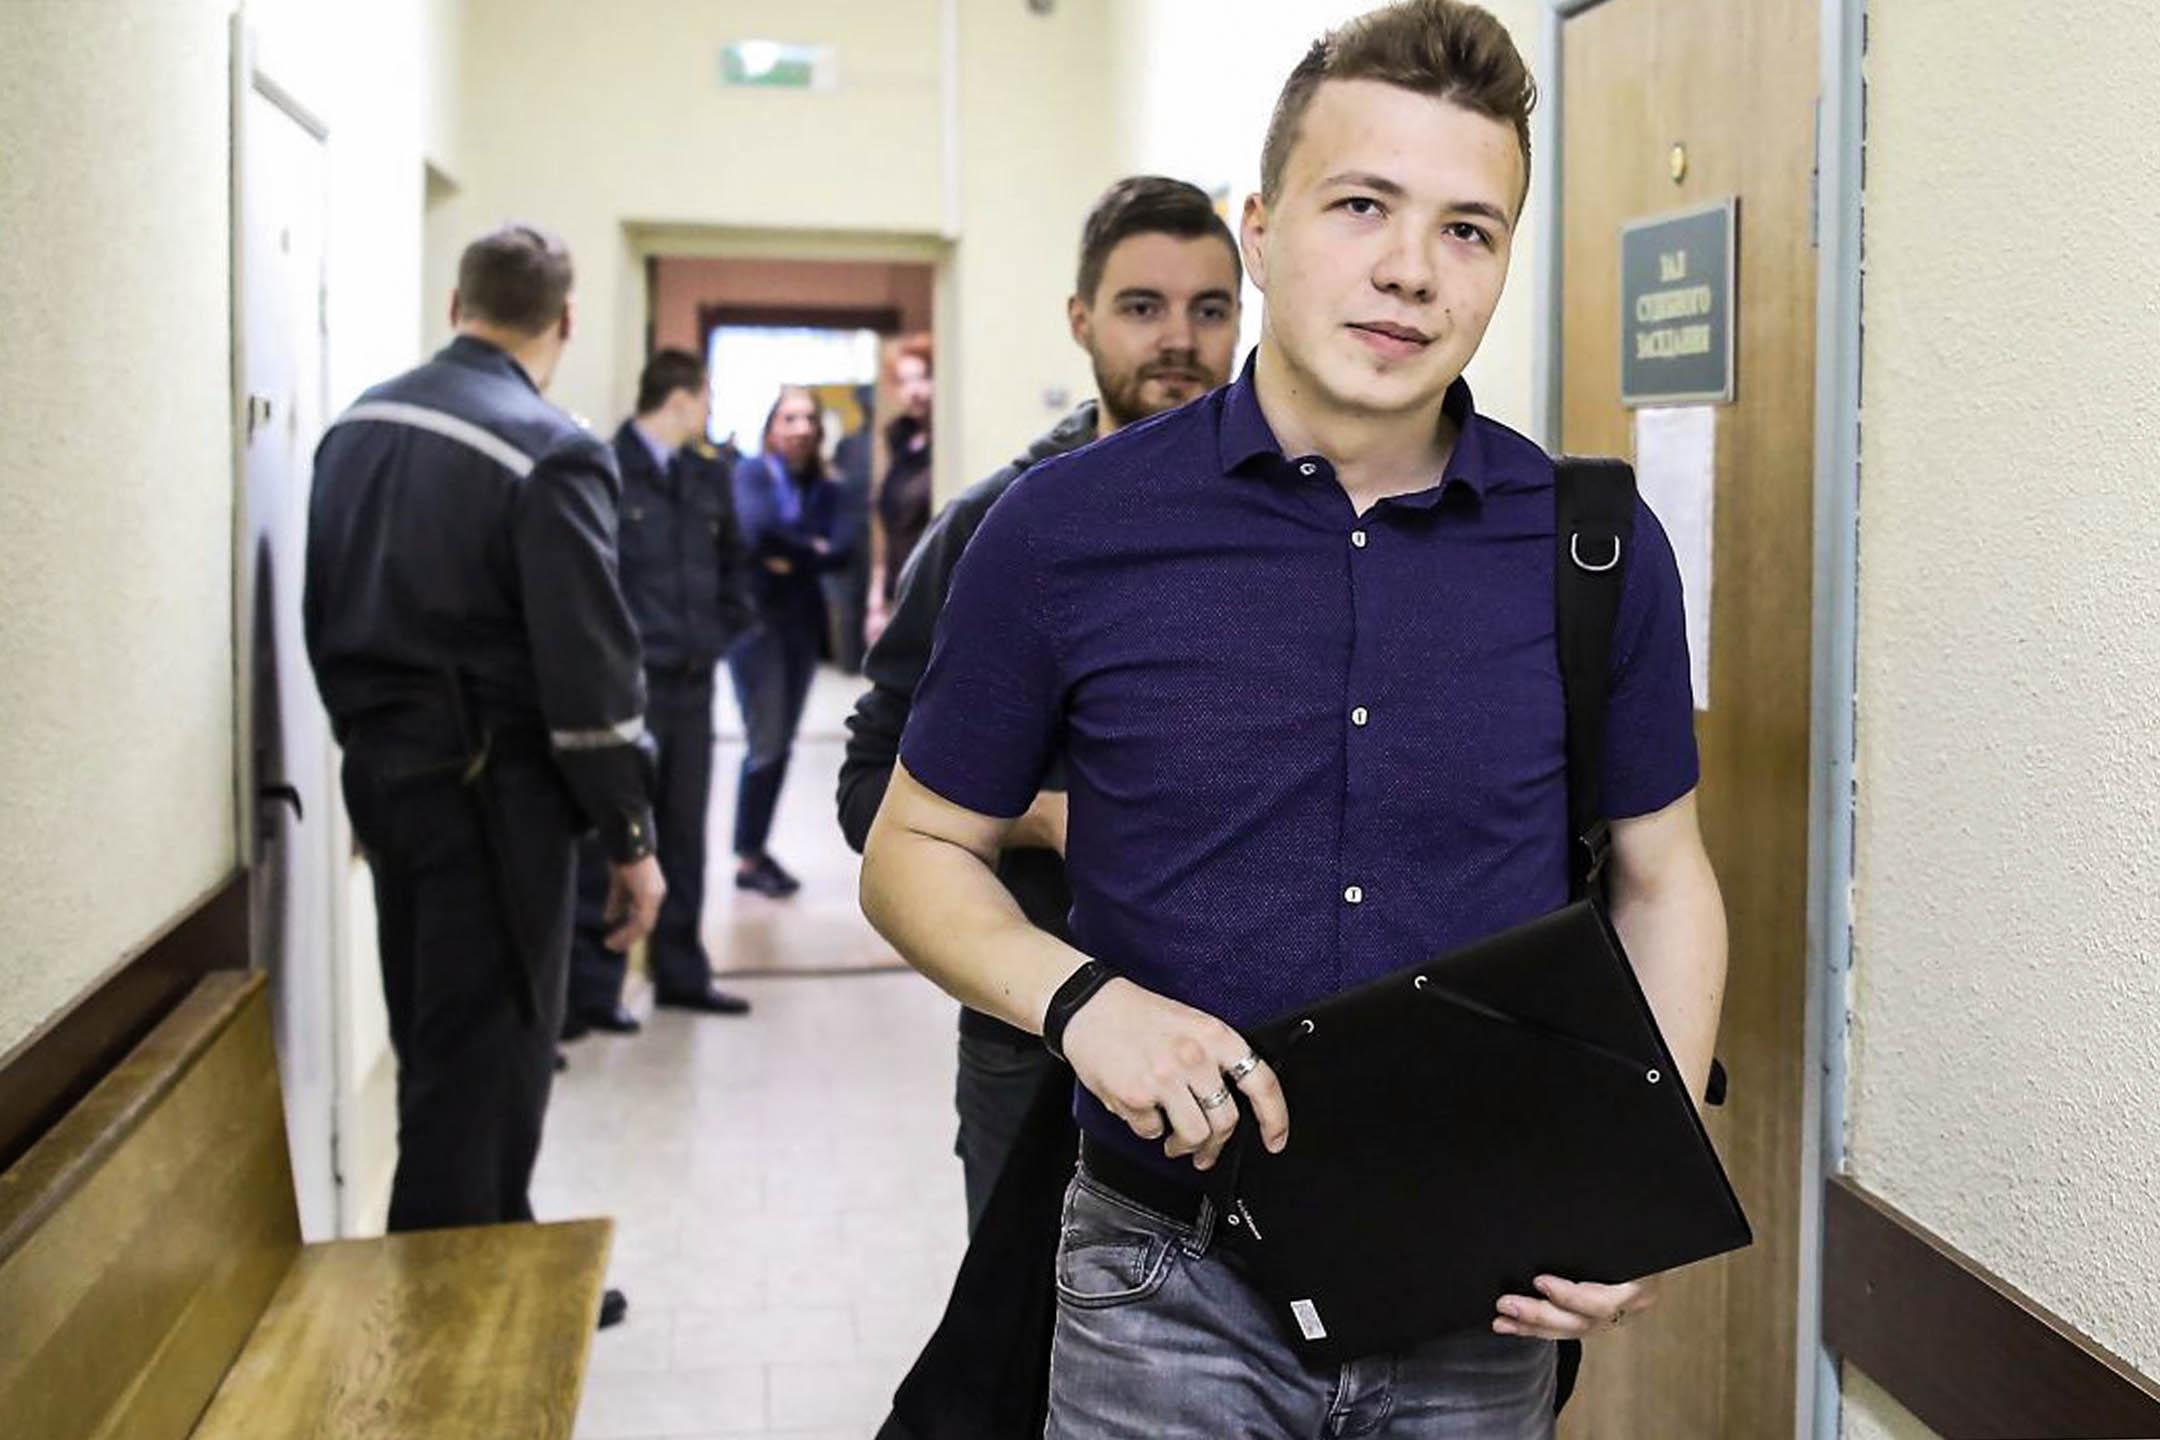 2017年4月10日,白羅斯明斯克,異見記者羅曼·普羅塔塞維奇(Roman Protasevich)參加法庭聽證會。 攝:Reuters/達志影像